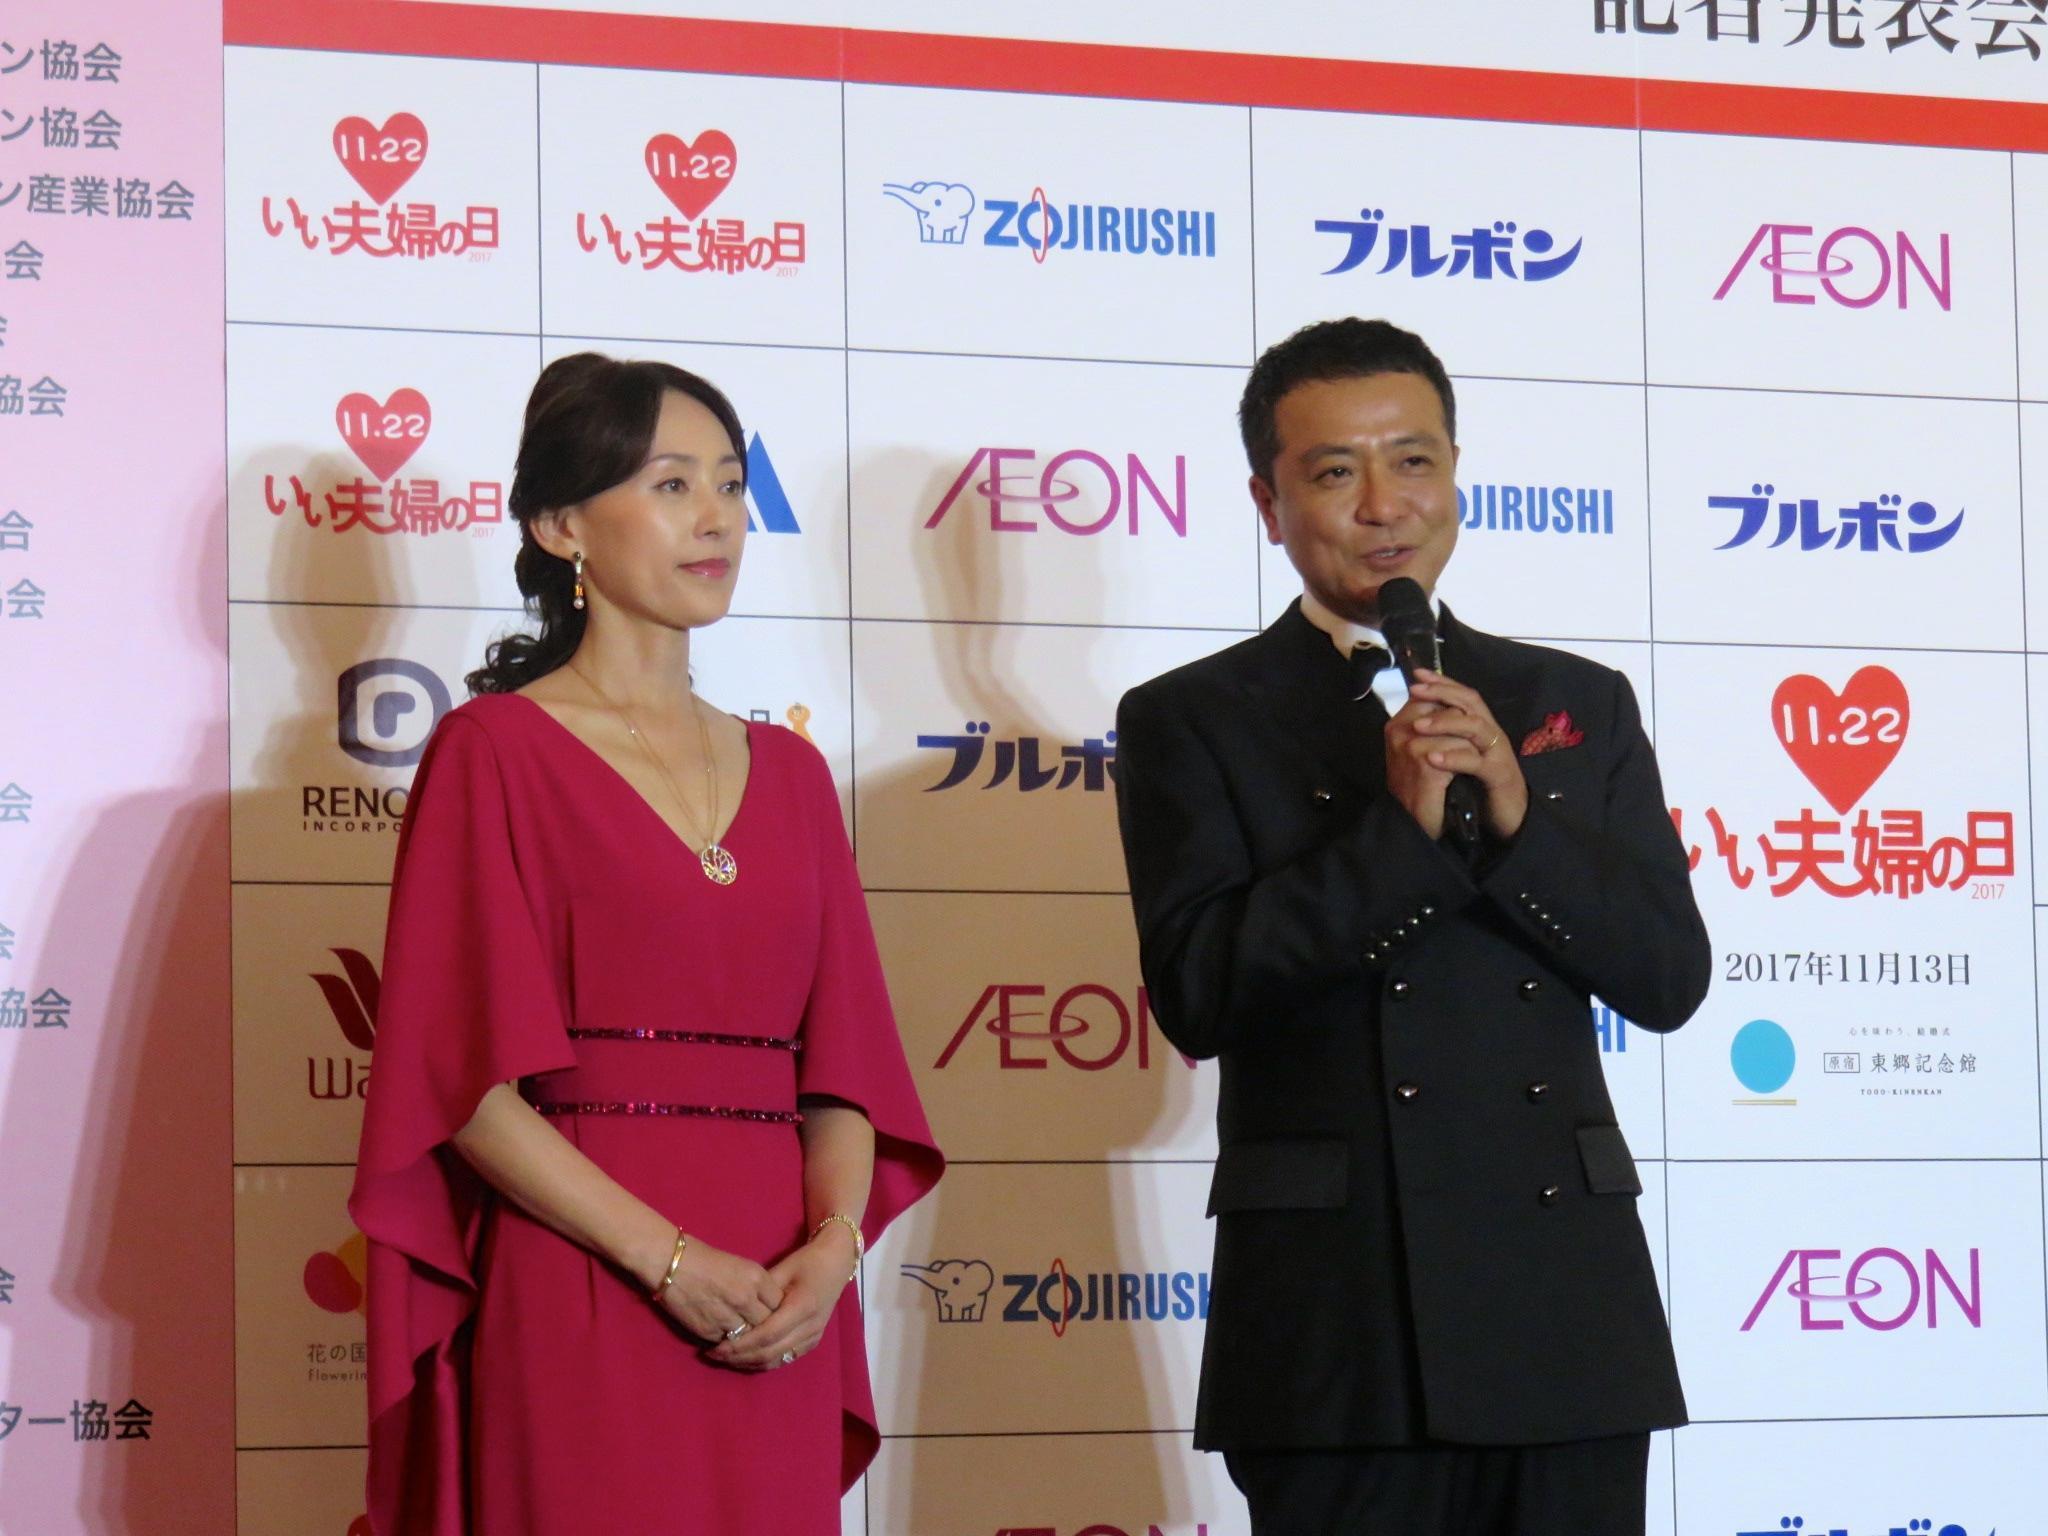 http://news.yoshimoto.co.jp/20171113222115-b3fe7fa1839f5dd7e2f9f9cbea39343d629fa881.jpg